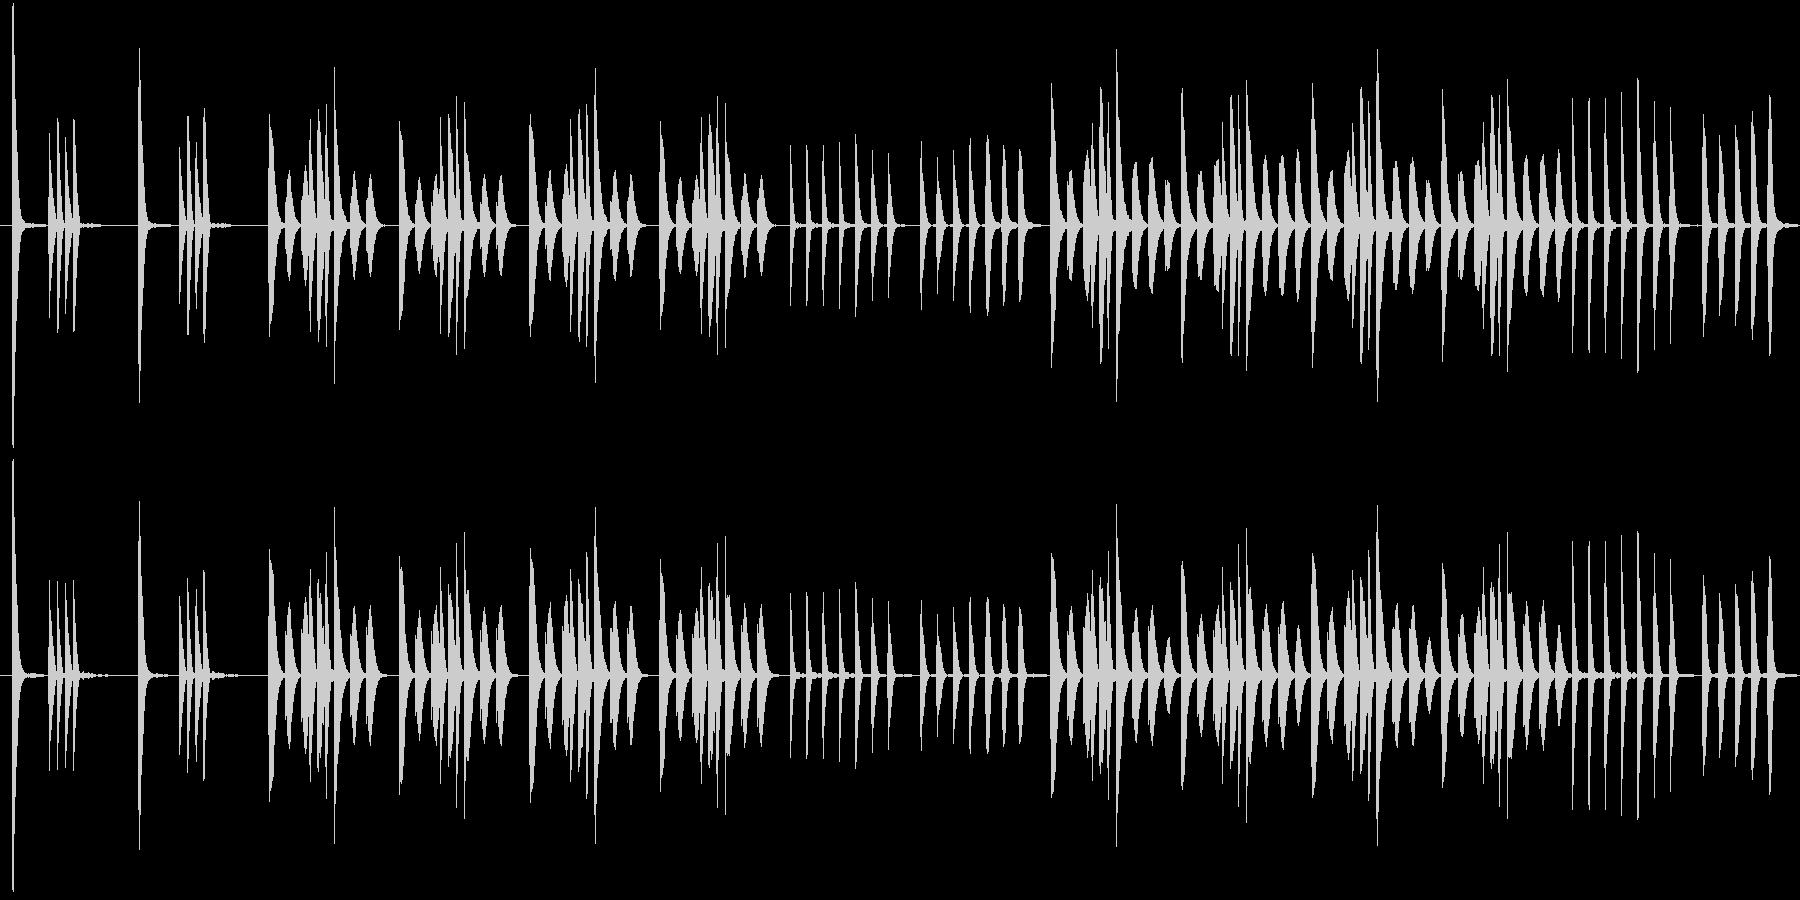 木琴のみの音色で作ったコミカルな短めの曲の未再生の波形